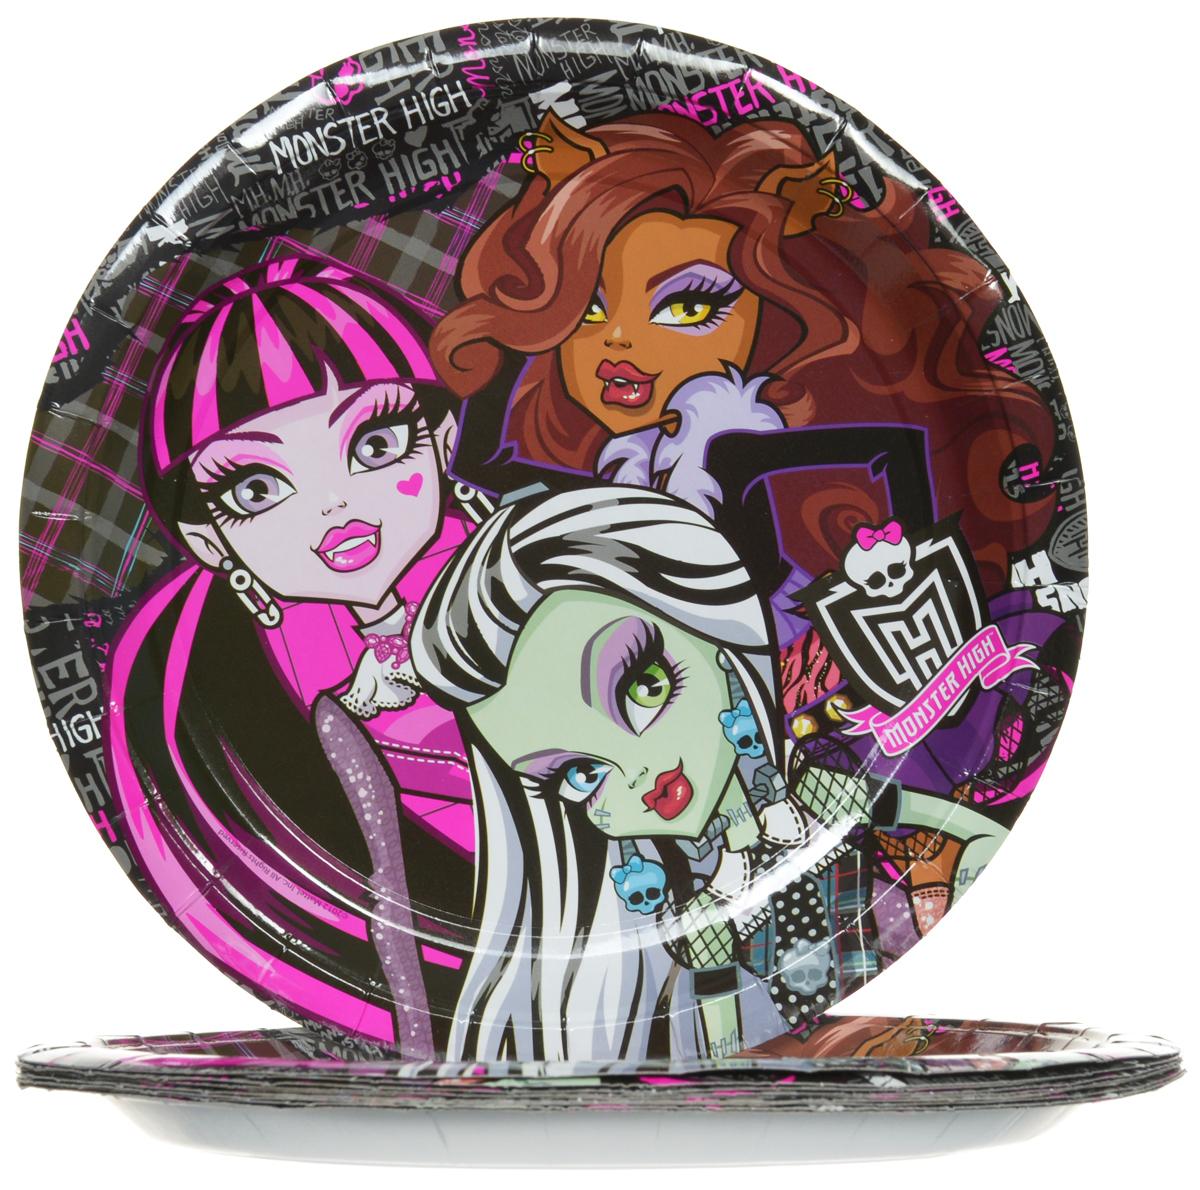 Monster High Набор одноразовых тарелок диаметр 23 см 10 шт23655Одноразовые тарелки прочно вошли в современную жизнь, и теперь многие люди просто не представляют праздник или пикник без таких нужных вещей: они почти невесомы, не могут разбиться и не нуждаются в мытье. Набор одноразовых тарелок Monster High состоит из 10 круглых тарелок диаметром 23 см, выполненных из картона. Изделия декорированы изображением монстров Хай. Благодаря глянцевому ламинированию, они прекрасно справляются со своей задачей: удерживают еду, не промокают и не протекают.